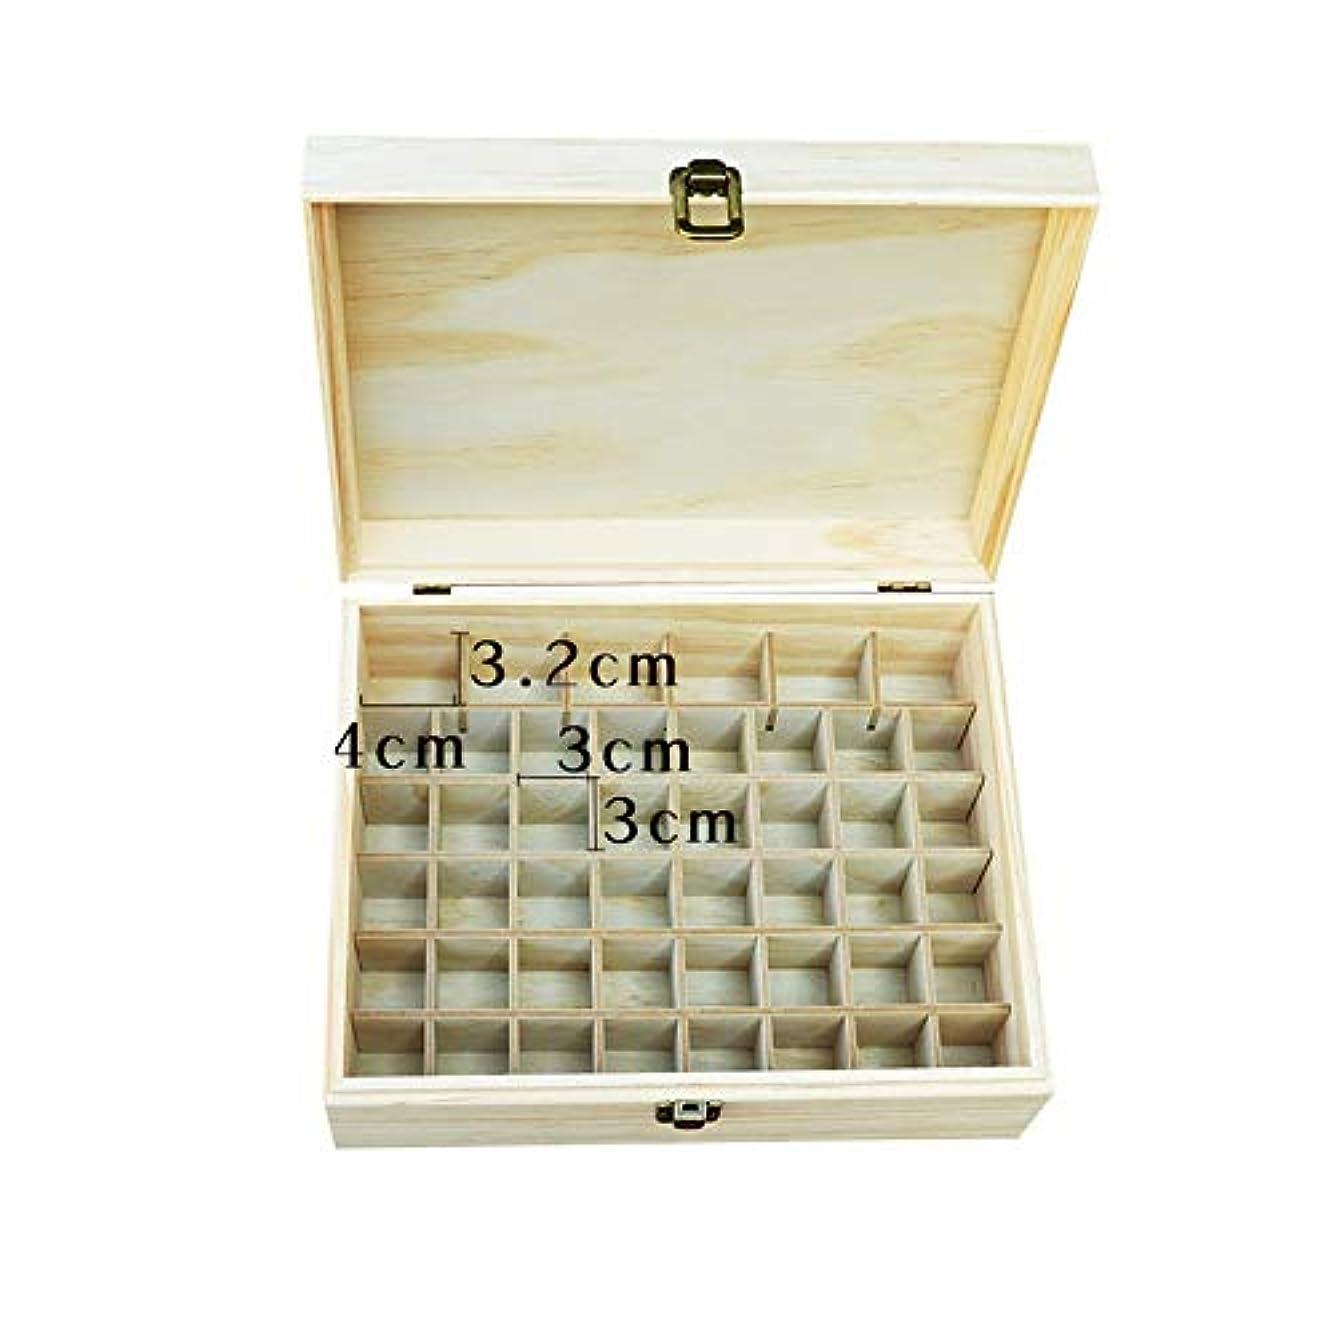 望む経歴愛されし者エッセンシャルオイルストレージボックス 大46ボトル木製のエッセンシャルオイルストレージボックスを 旅行およびプレゼンテーション用 (色 : Natural, サイズ : 22.2X10.2X8.2CM)